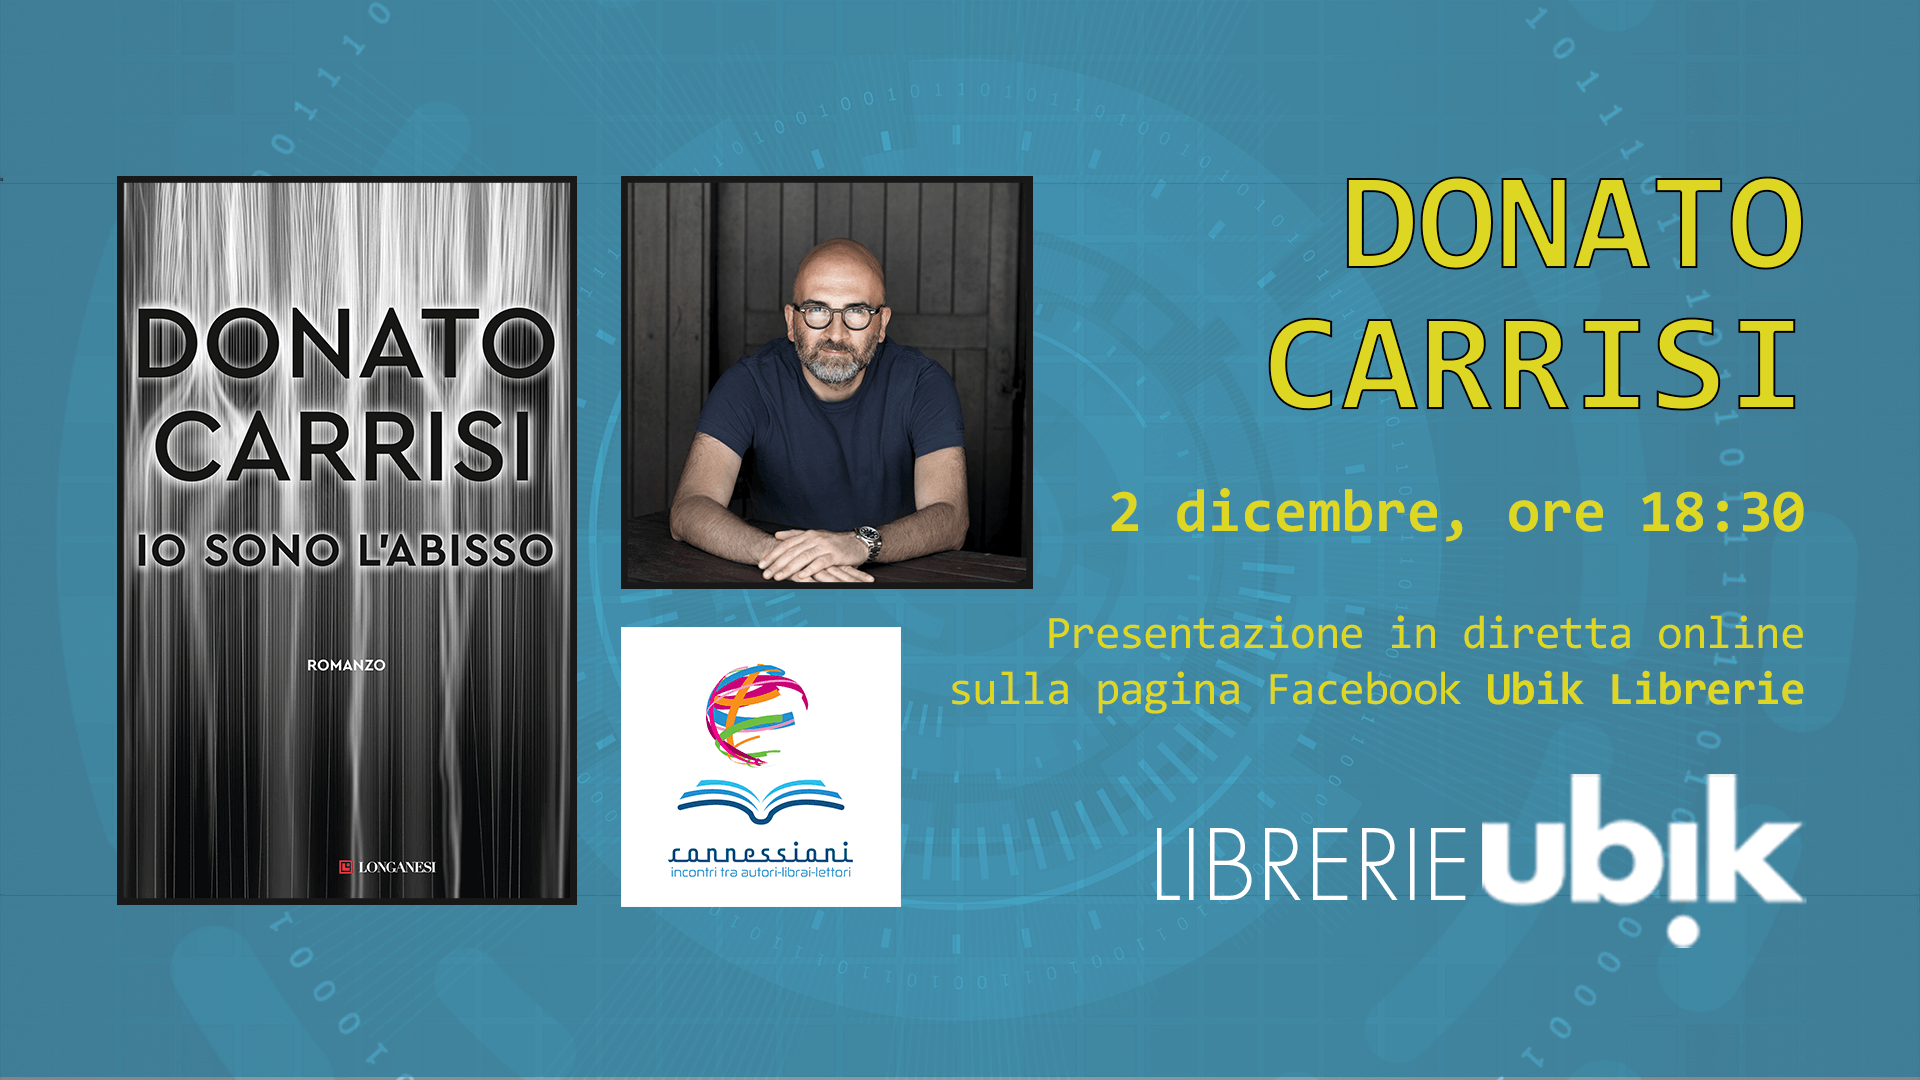 DONATO CARRISI presenta in diretta online